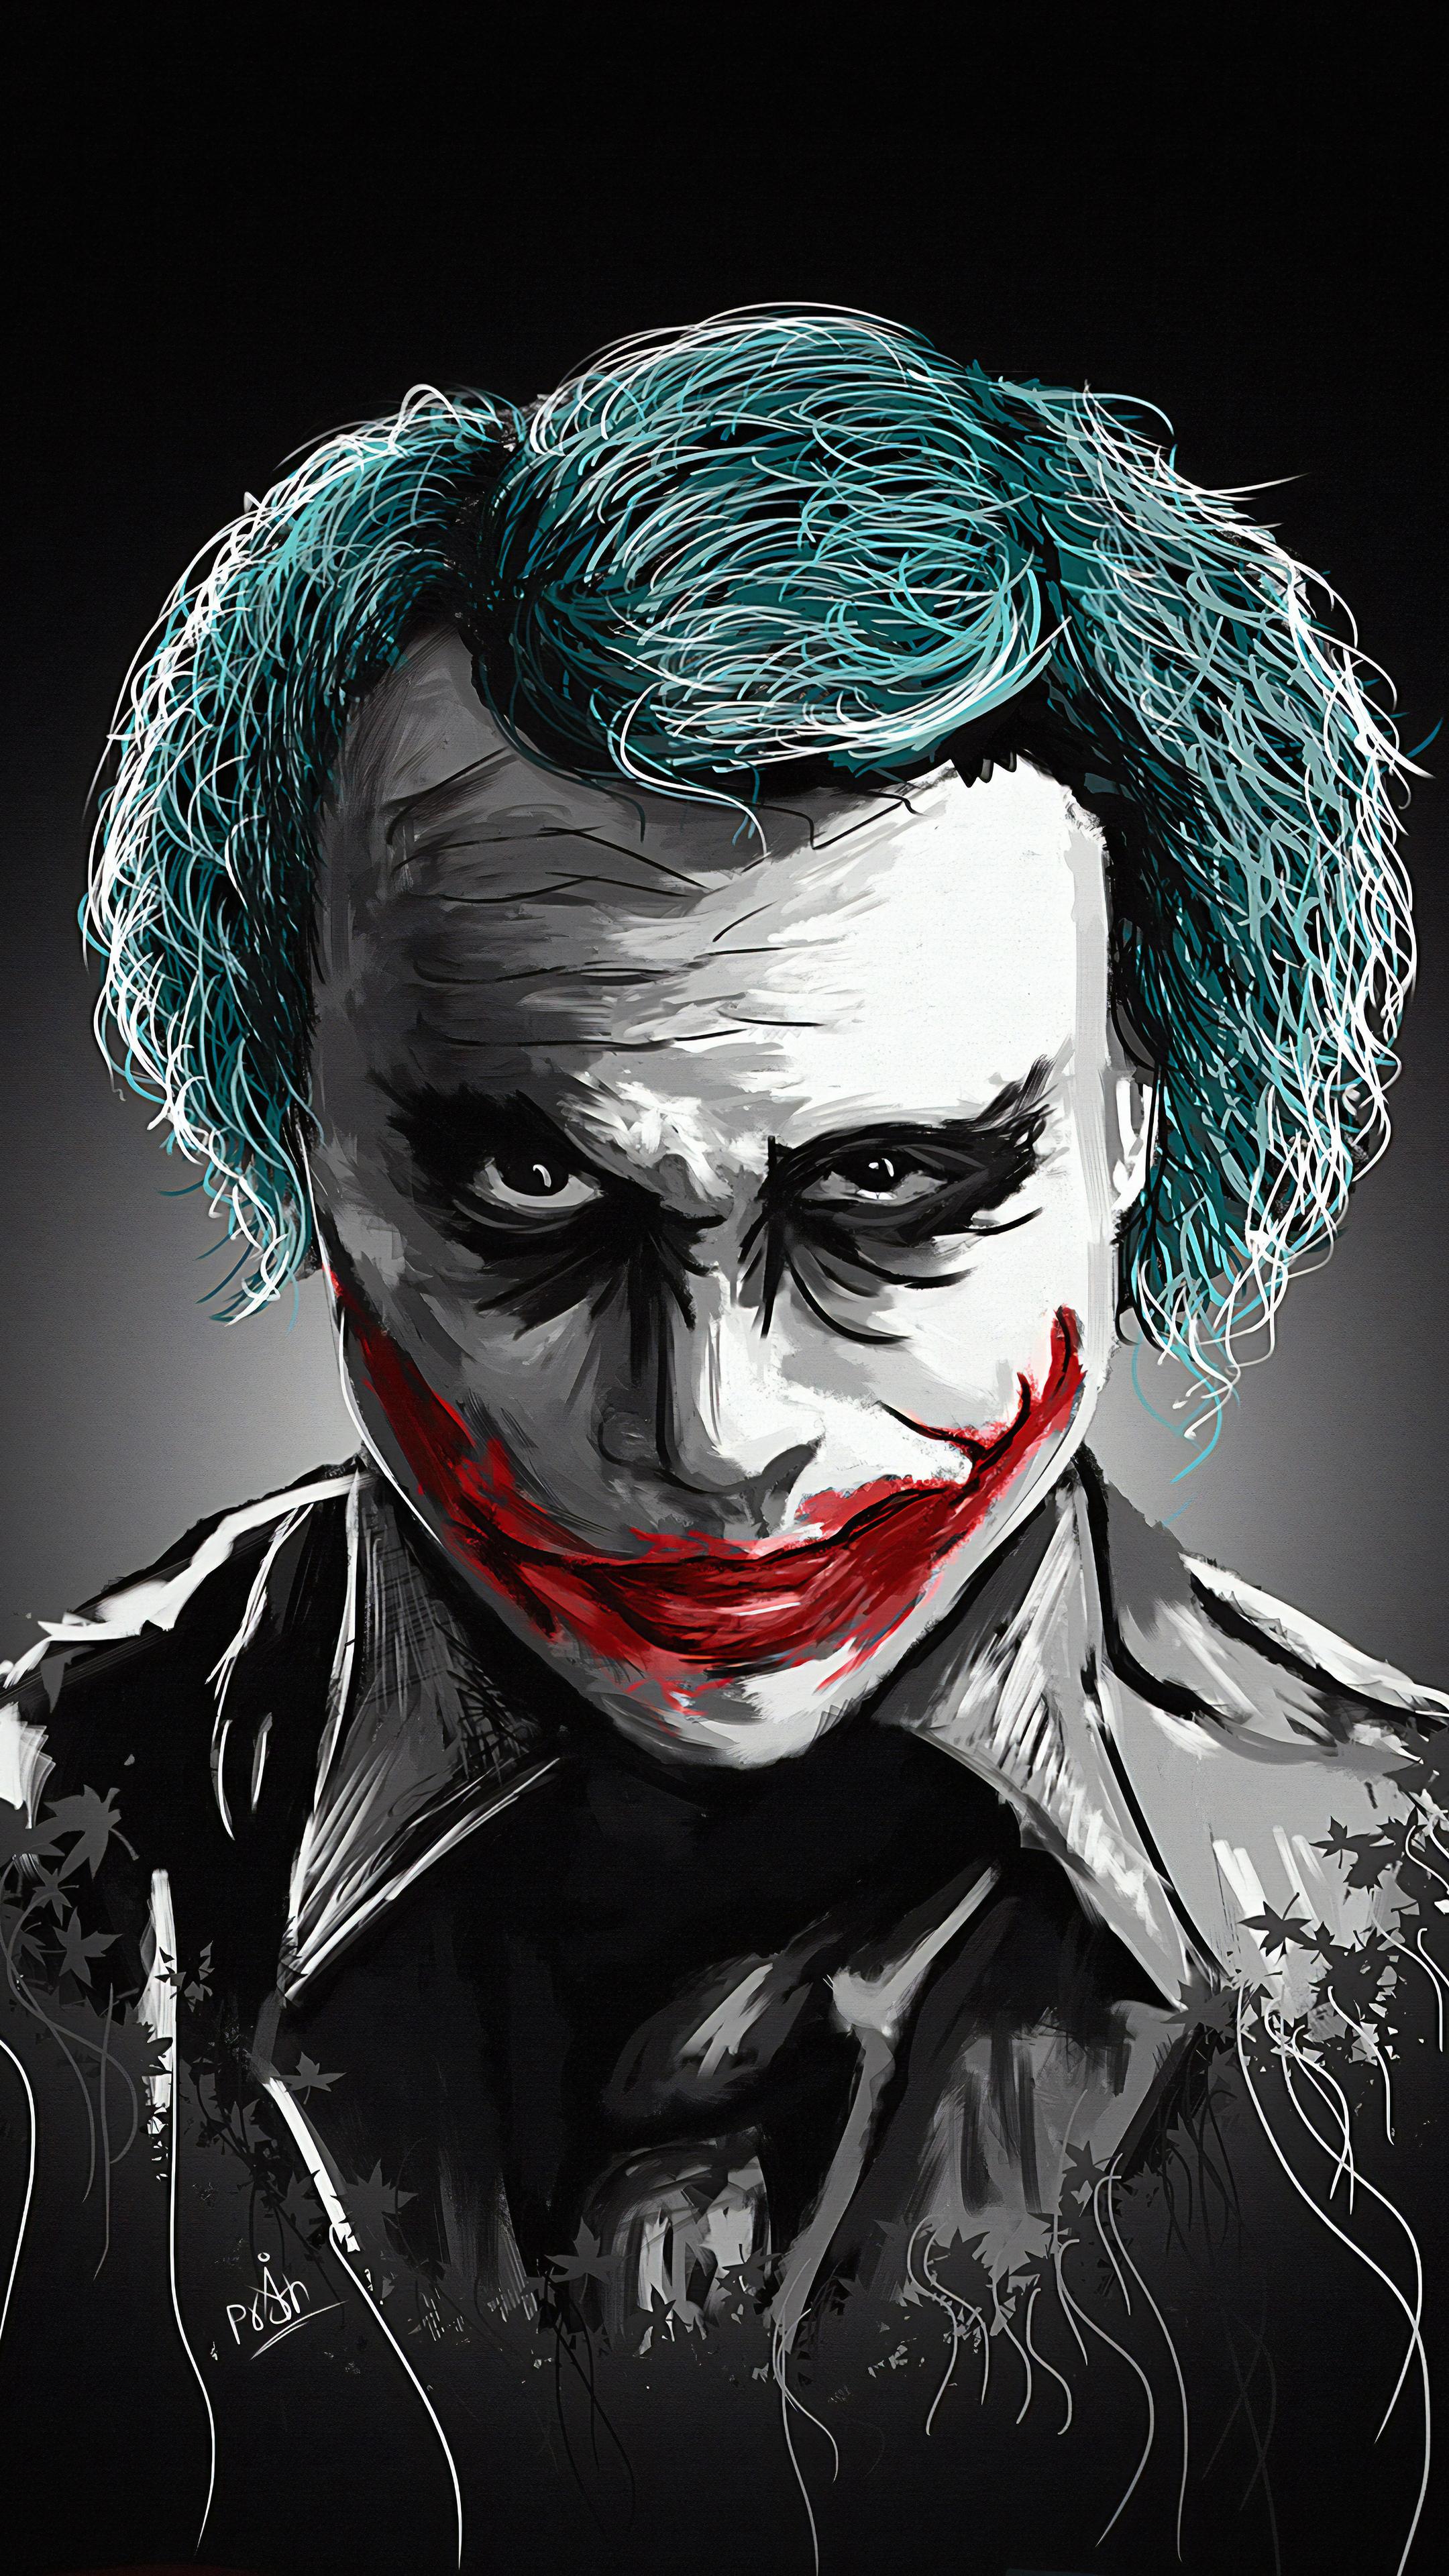 joker-heath-ledger-art-4k-vp.jpg